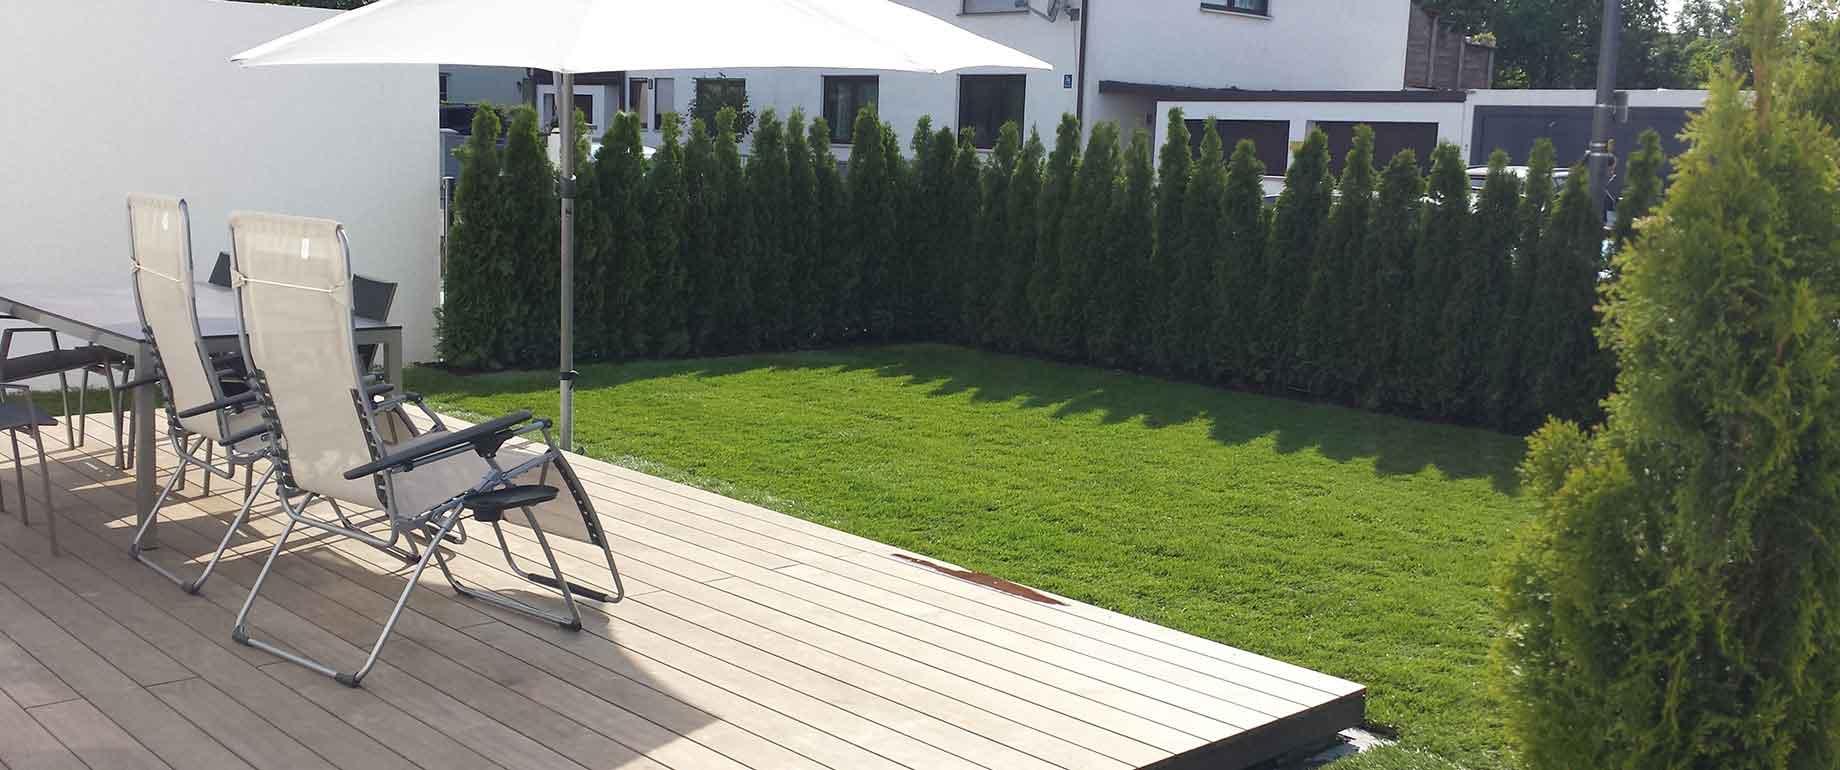 Gartenbau1